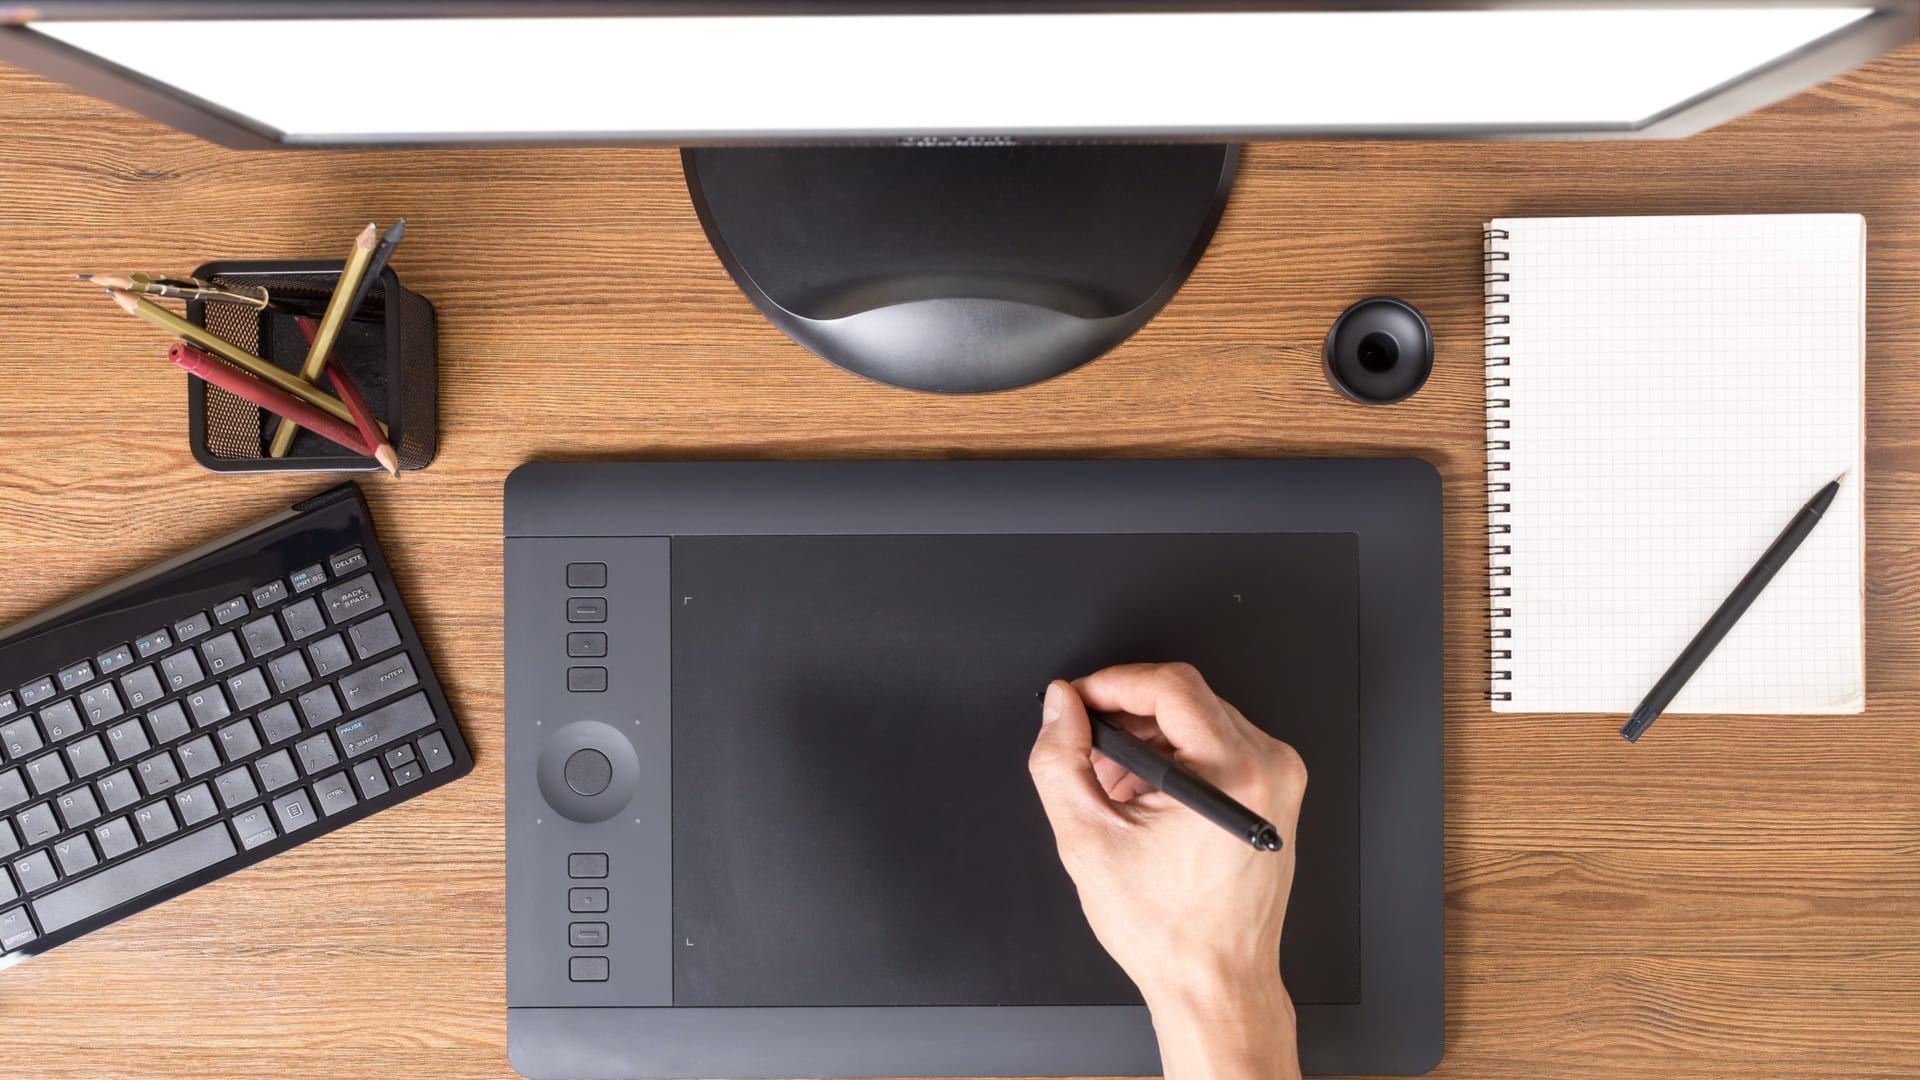 Mesa digitalizadora preta com teclado sobre mesa de madeira com outros acessórios de trabalho próximos